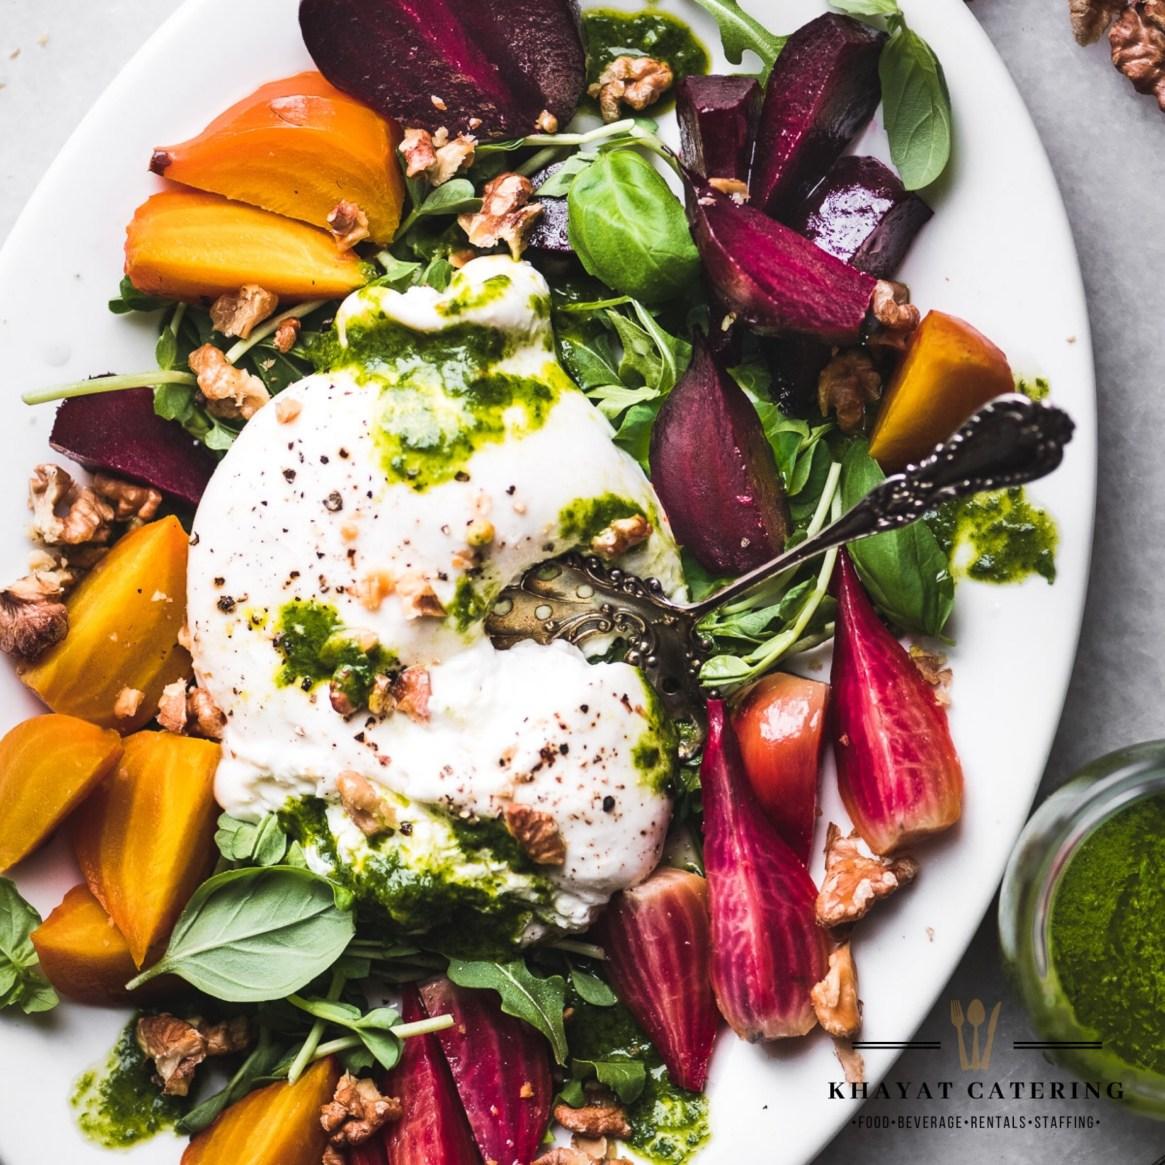 Khayat Catering burrata and beet salad